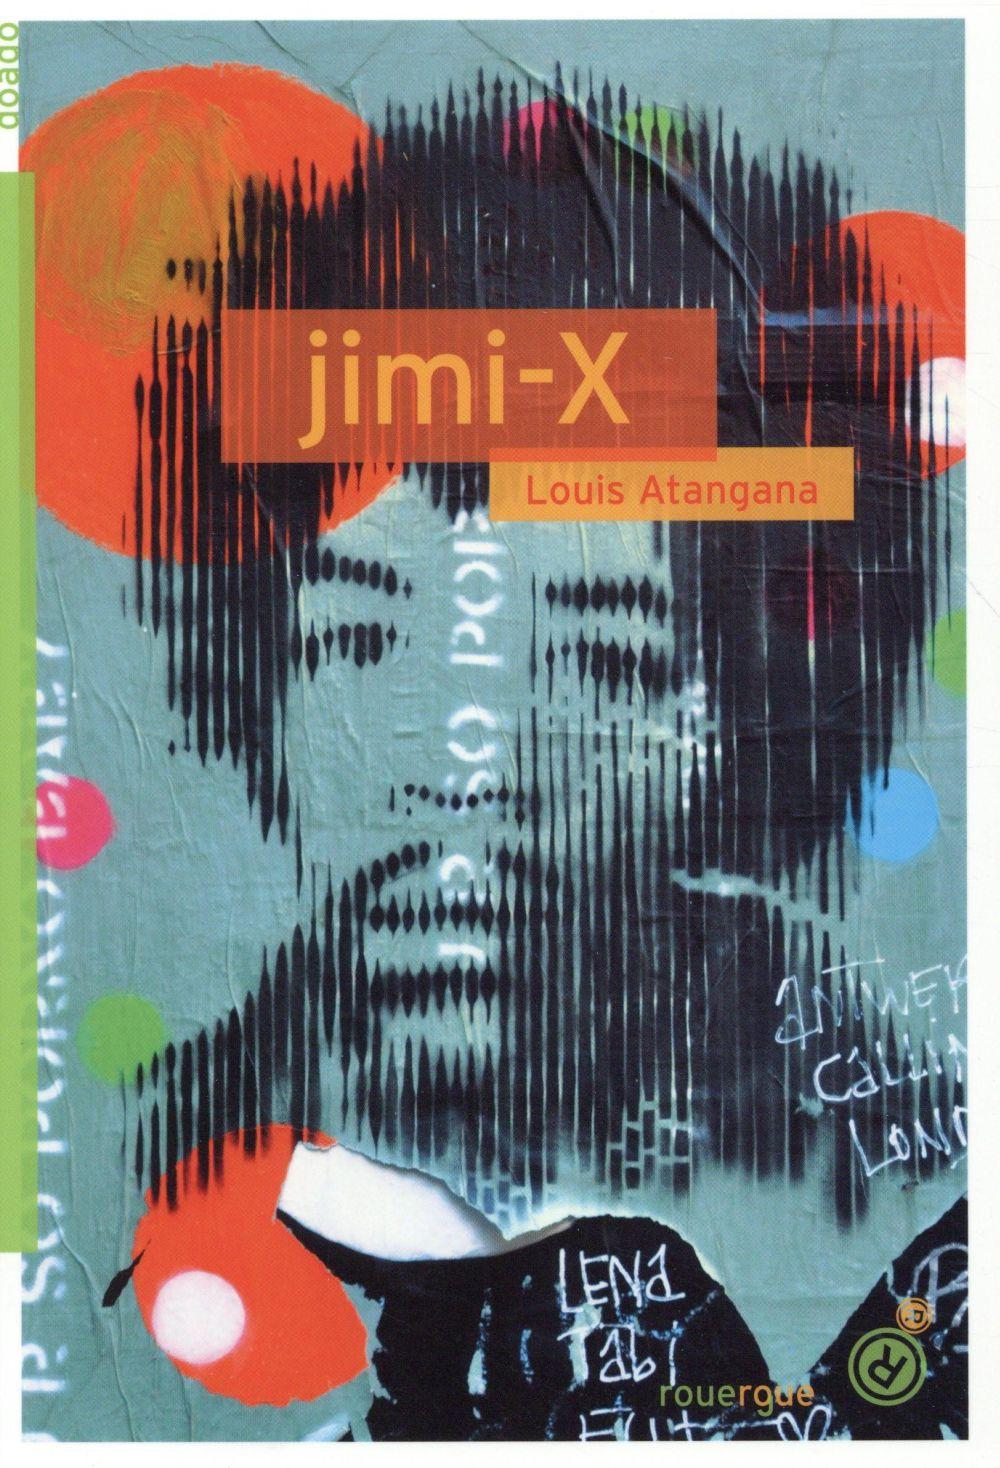 JIMI-X